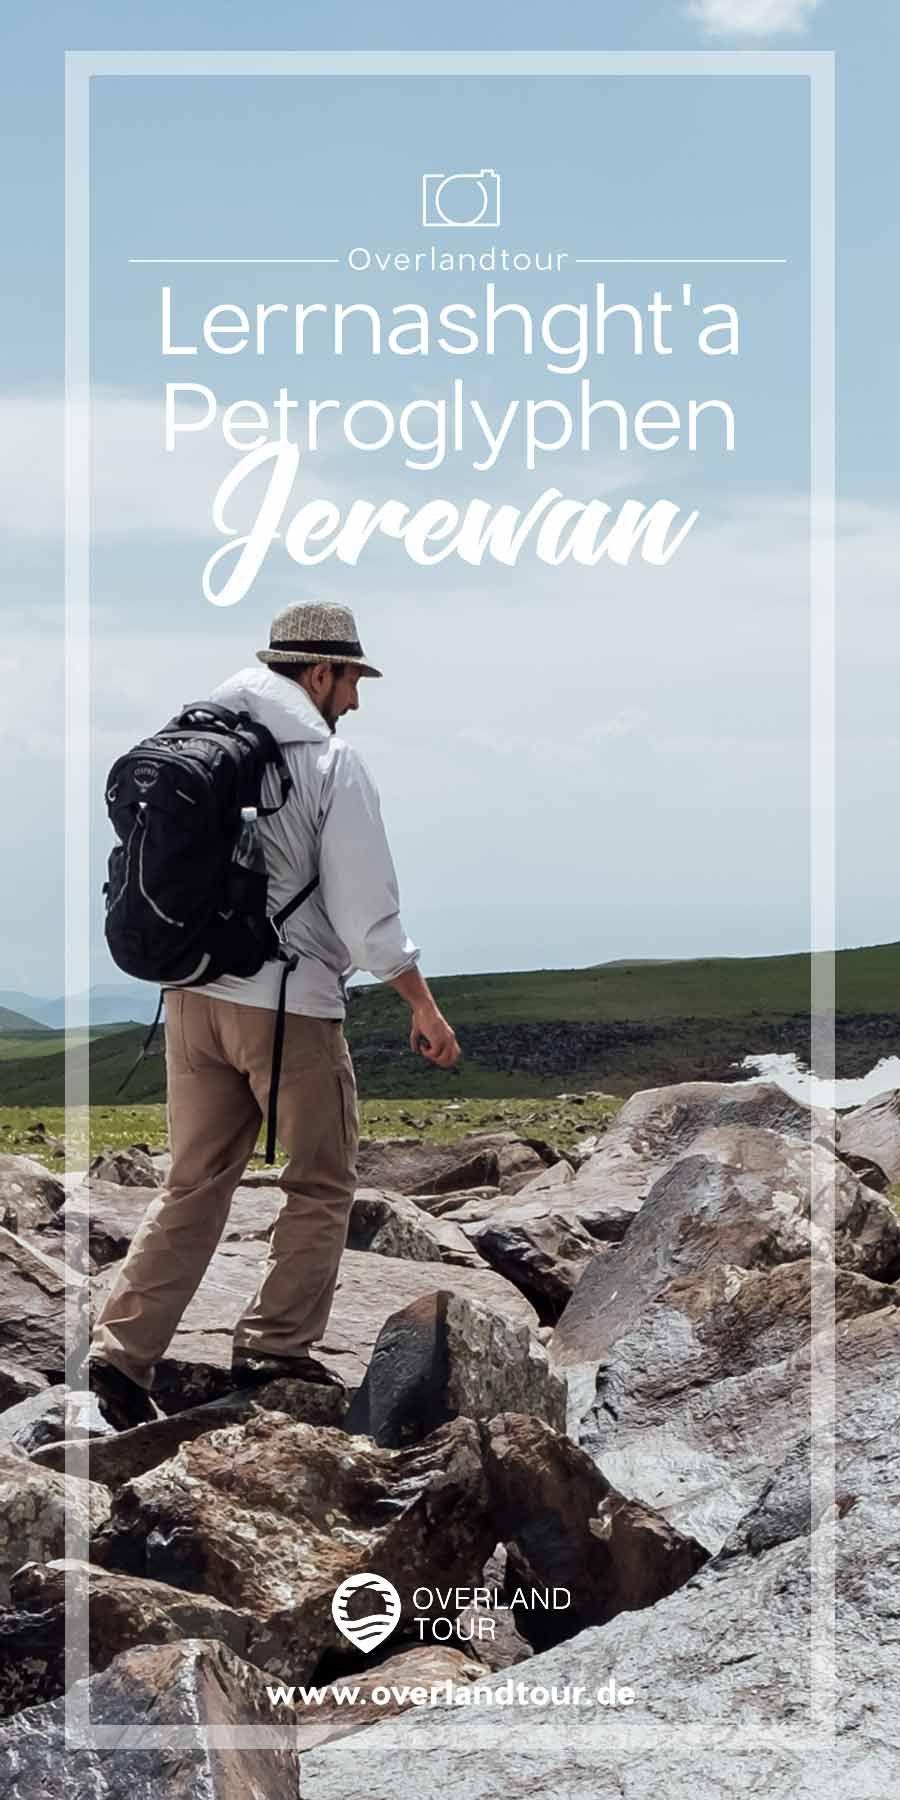 Tages Tour Yerevan Geghama Lerrnashght A Wanderung Abenteuerreisen Reise Um Die Welt Reisen